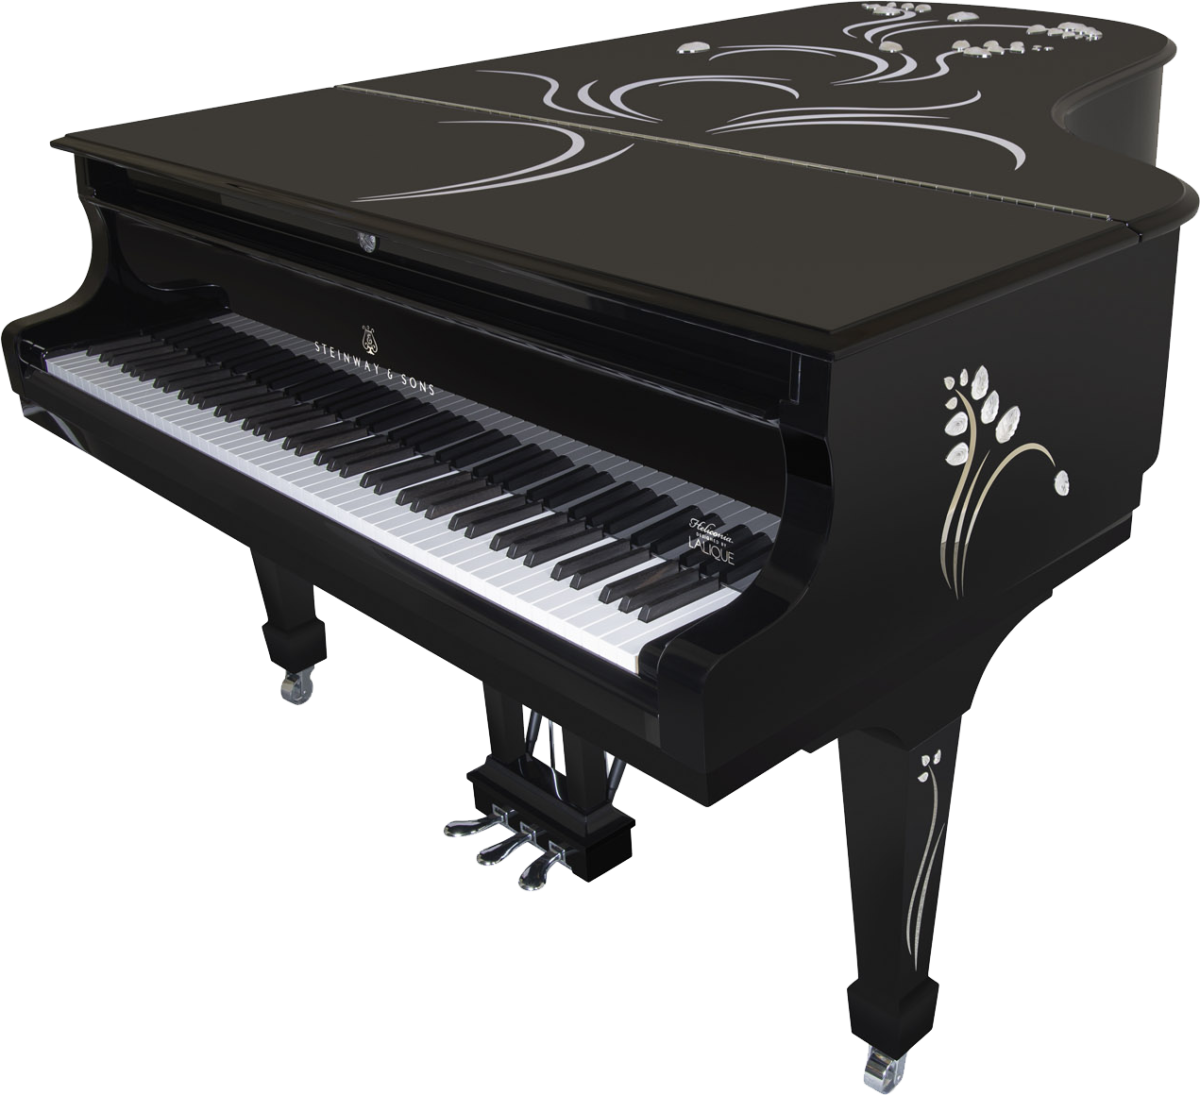 piano-cola-steinway-sons-b211-artesanal-heliconia-lalique-nuevo-edicion-limitada-negro-picado